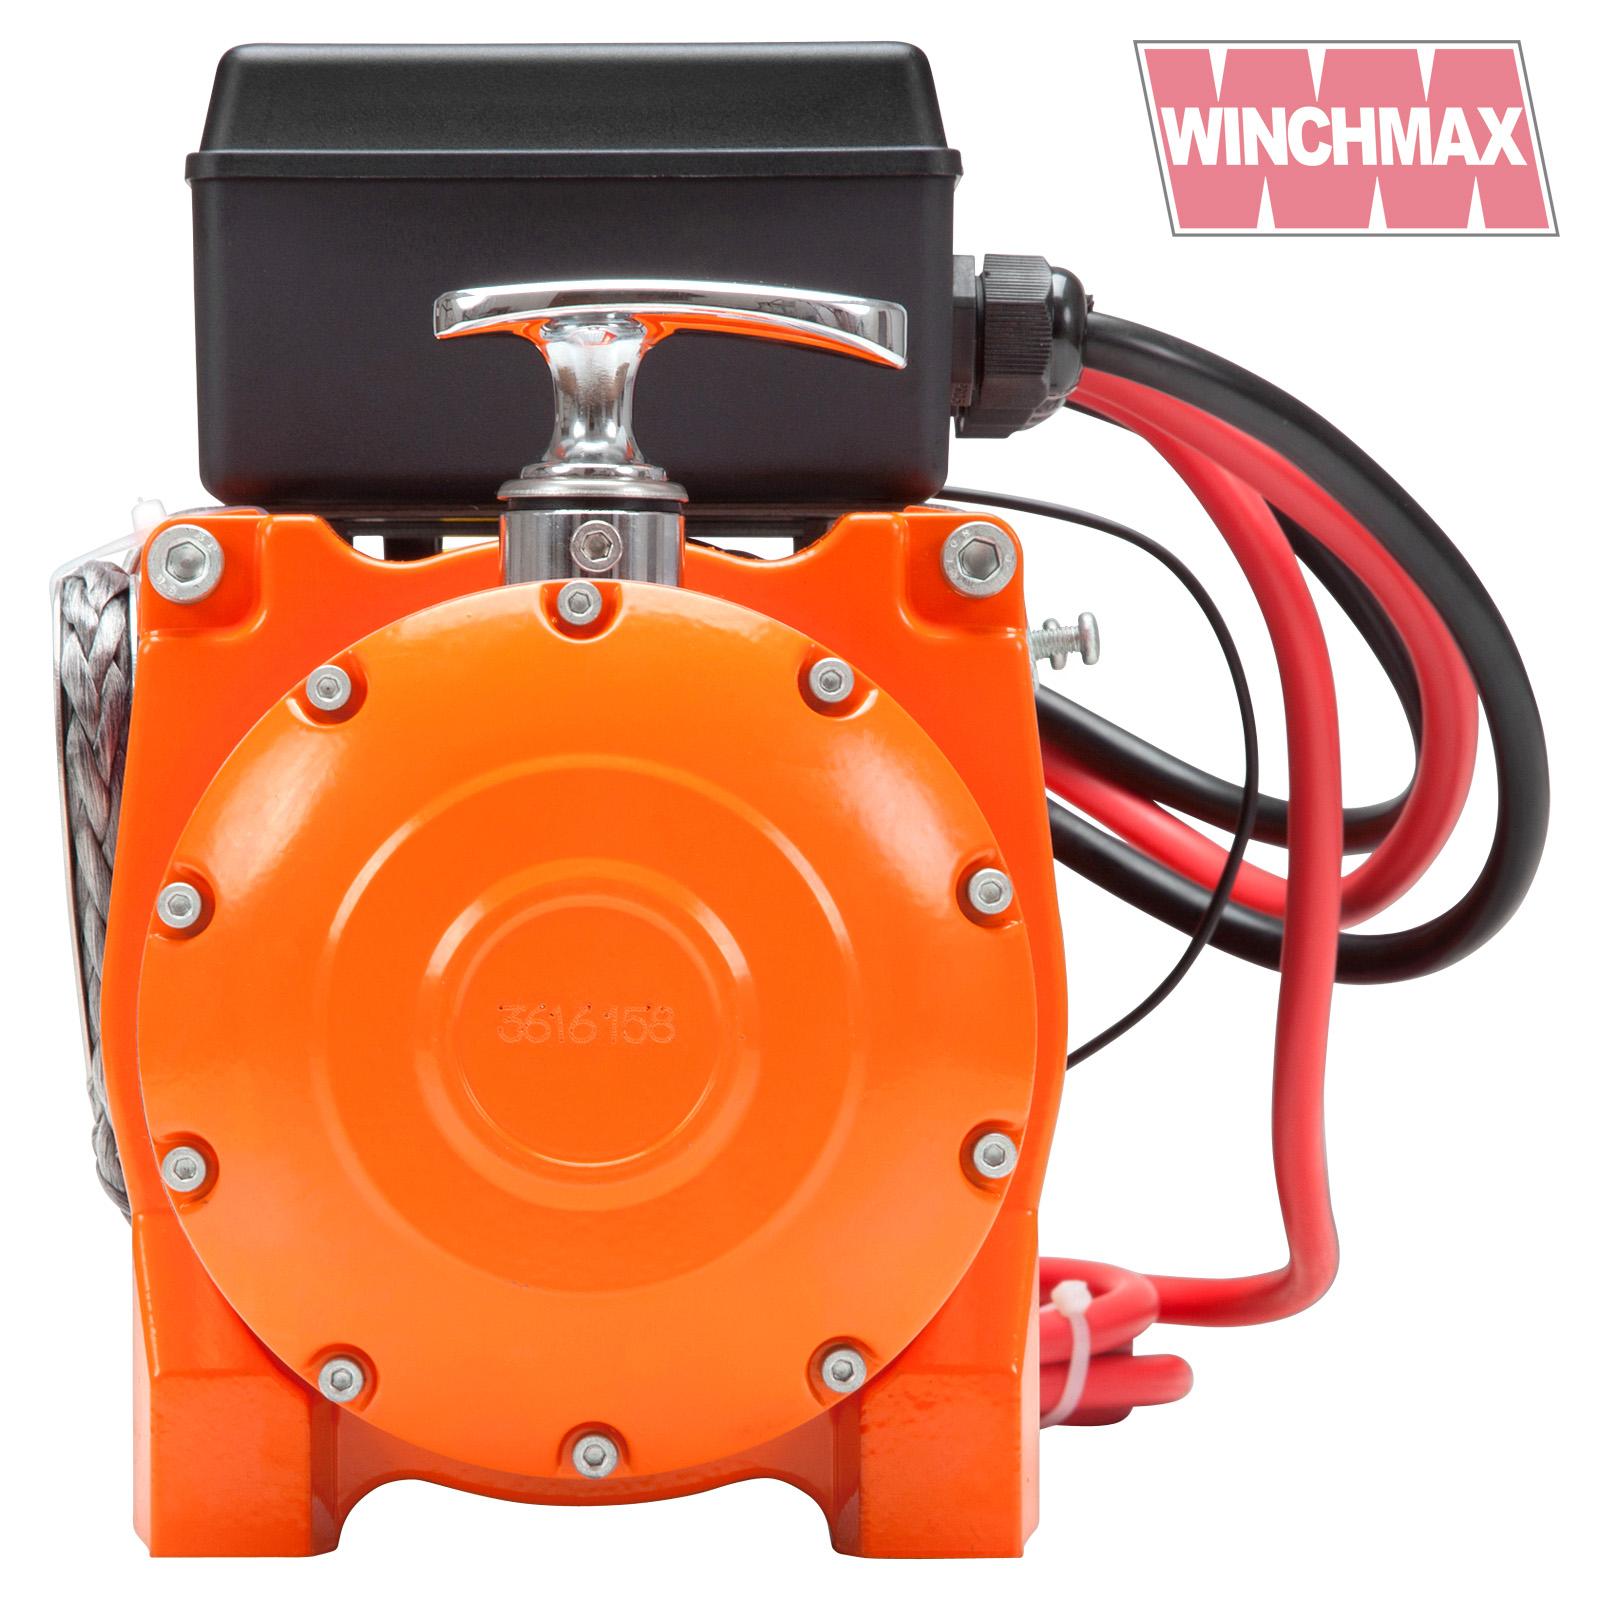 Wm1350024vrs winchmax 09